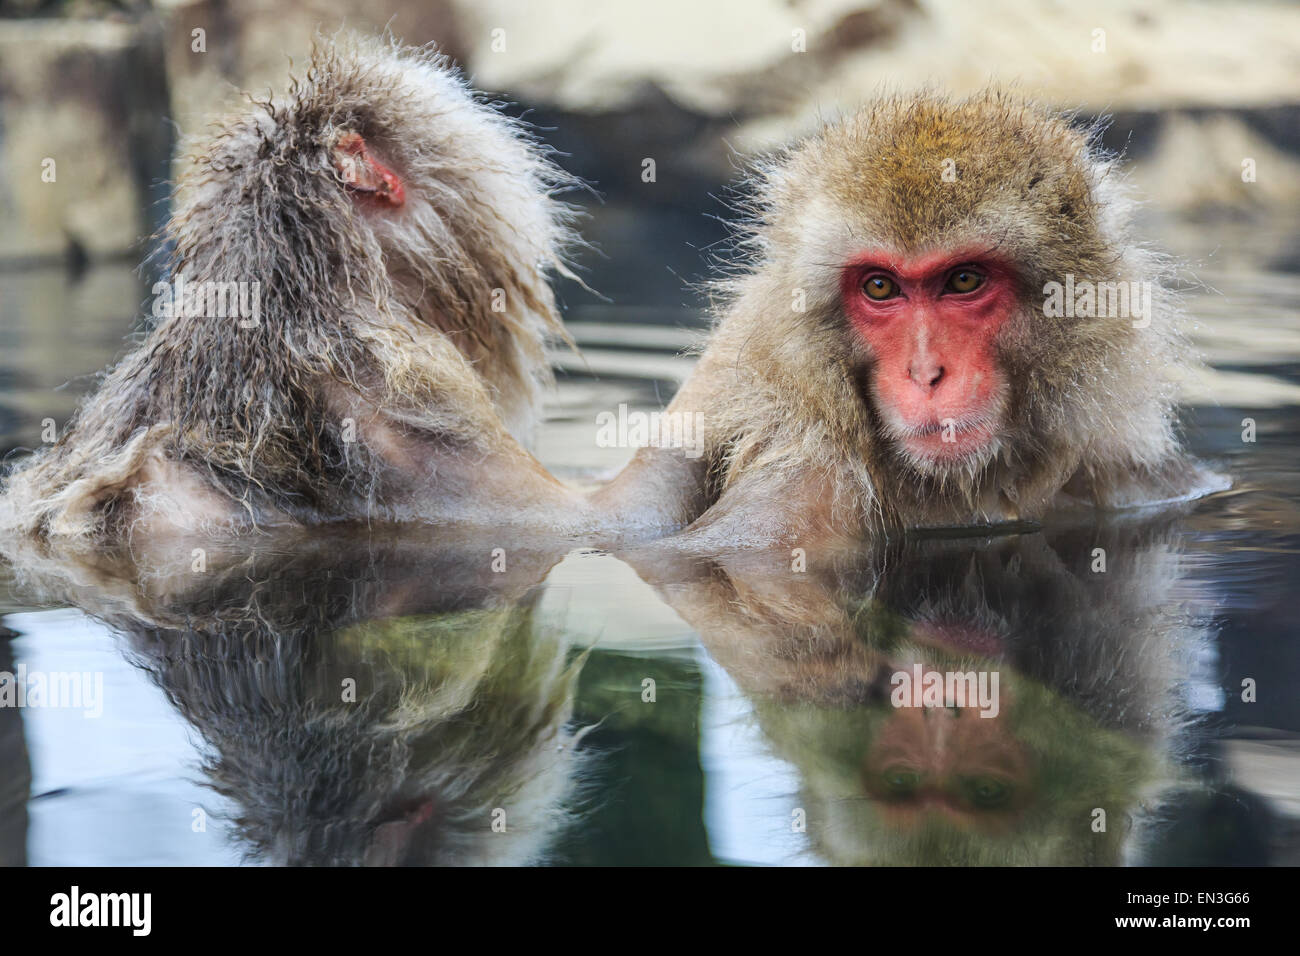 Monos de nieve en un onsen (aguas termales naturales), ubicado en el Parque Jigokudani, Yudanaka. Nagano, Japón. Imagen De Stock